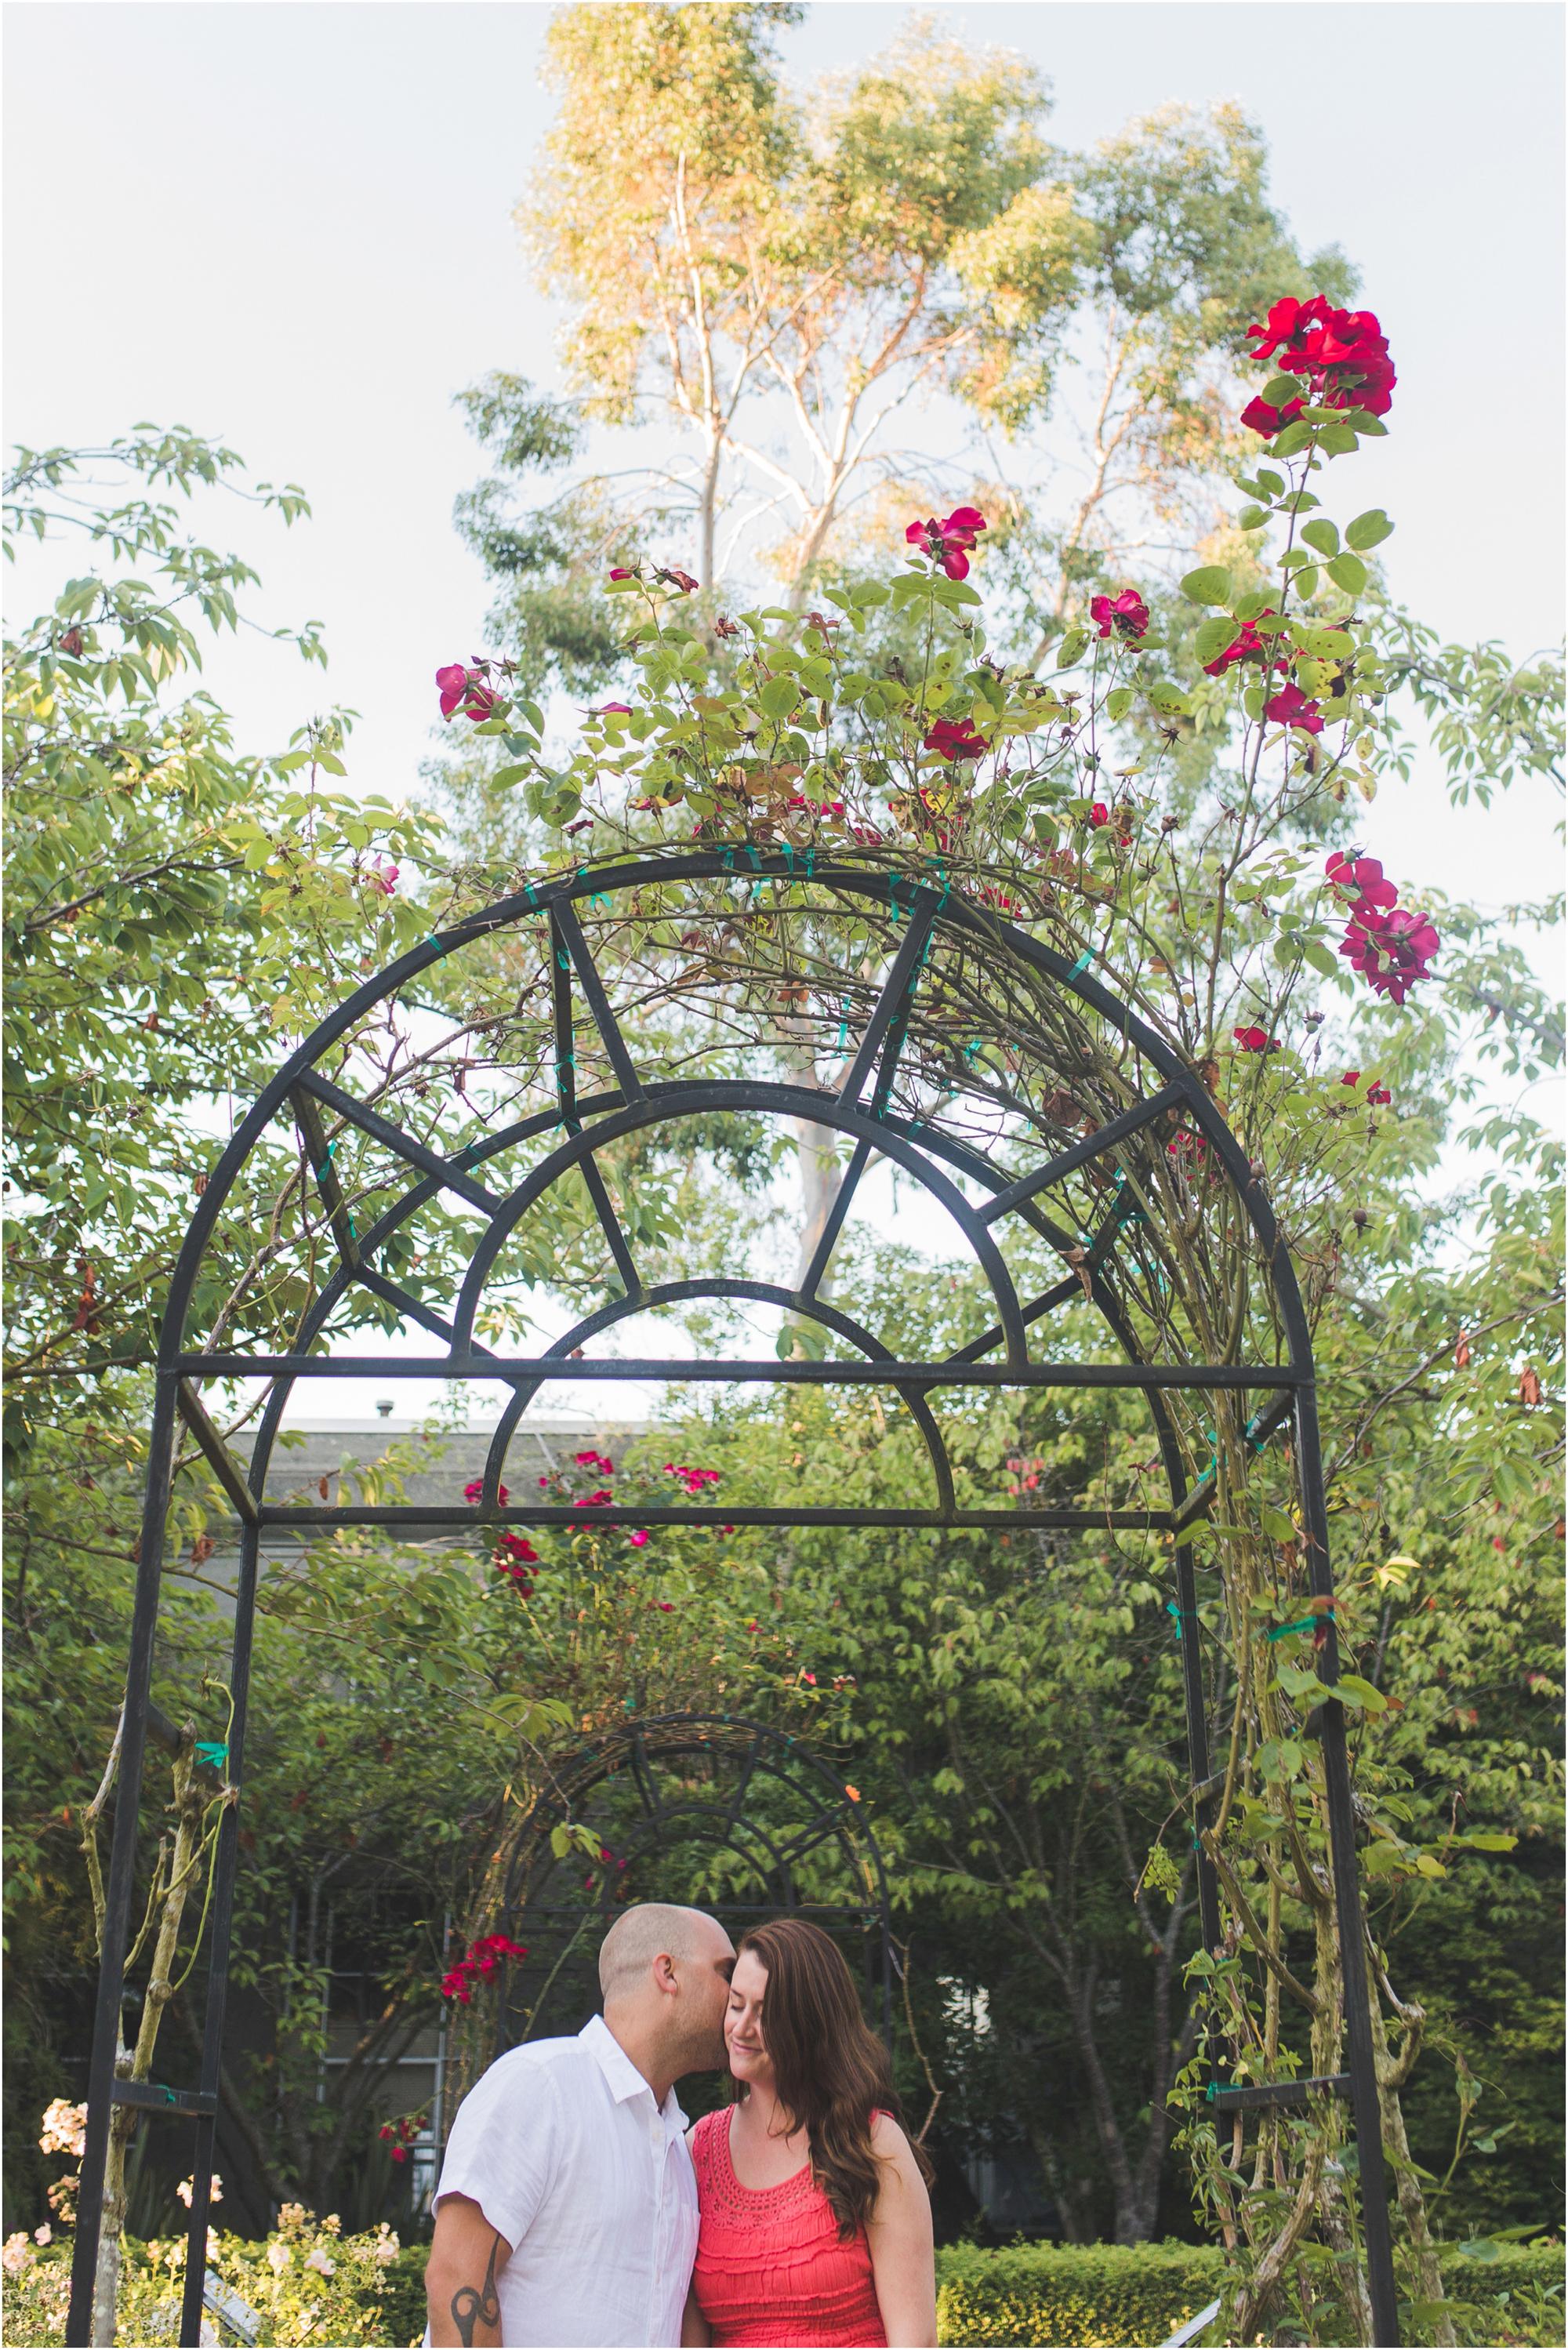 ashley vos photography seattle tacoma area engagement and wedding photographer_0426.jpg